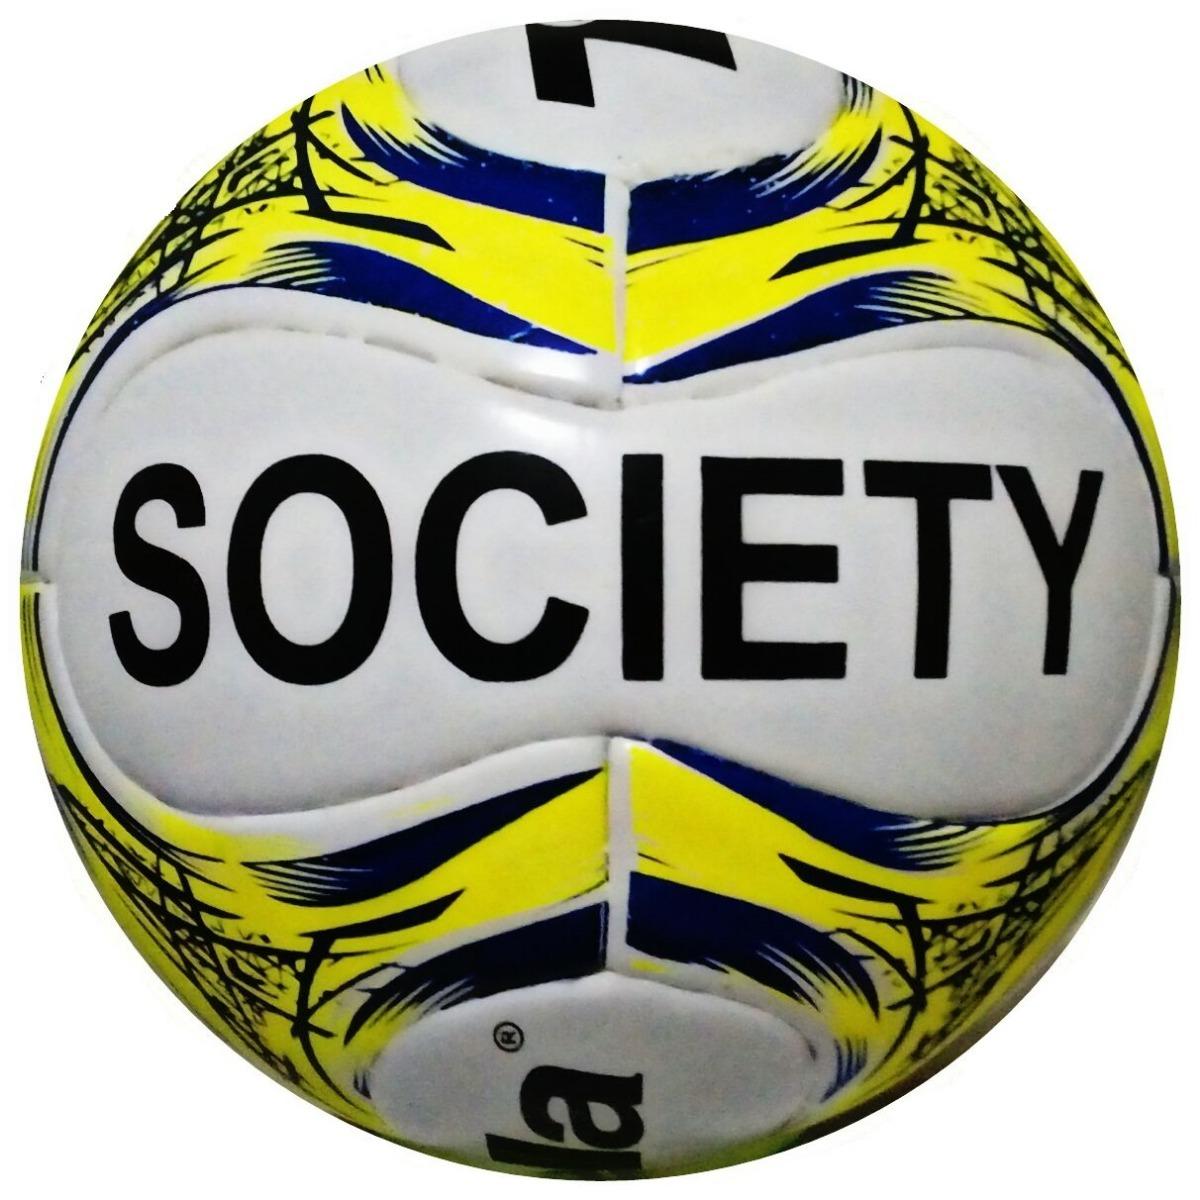 bola futebol society trivella original promoção brasil gold. Carregando  zoom. aecc3a7e30cca